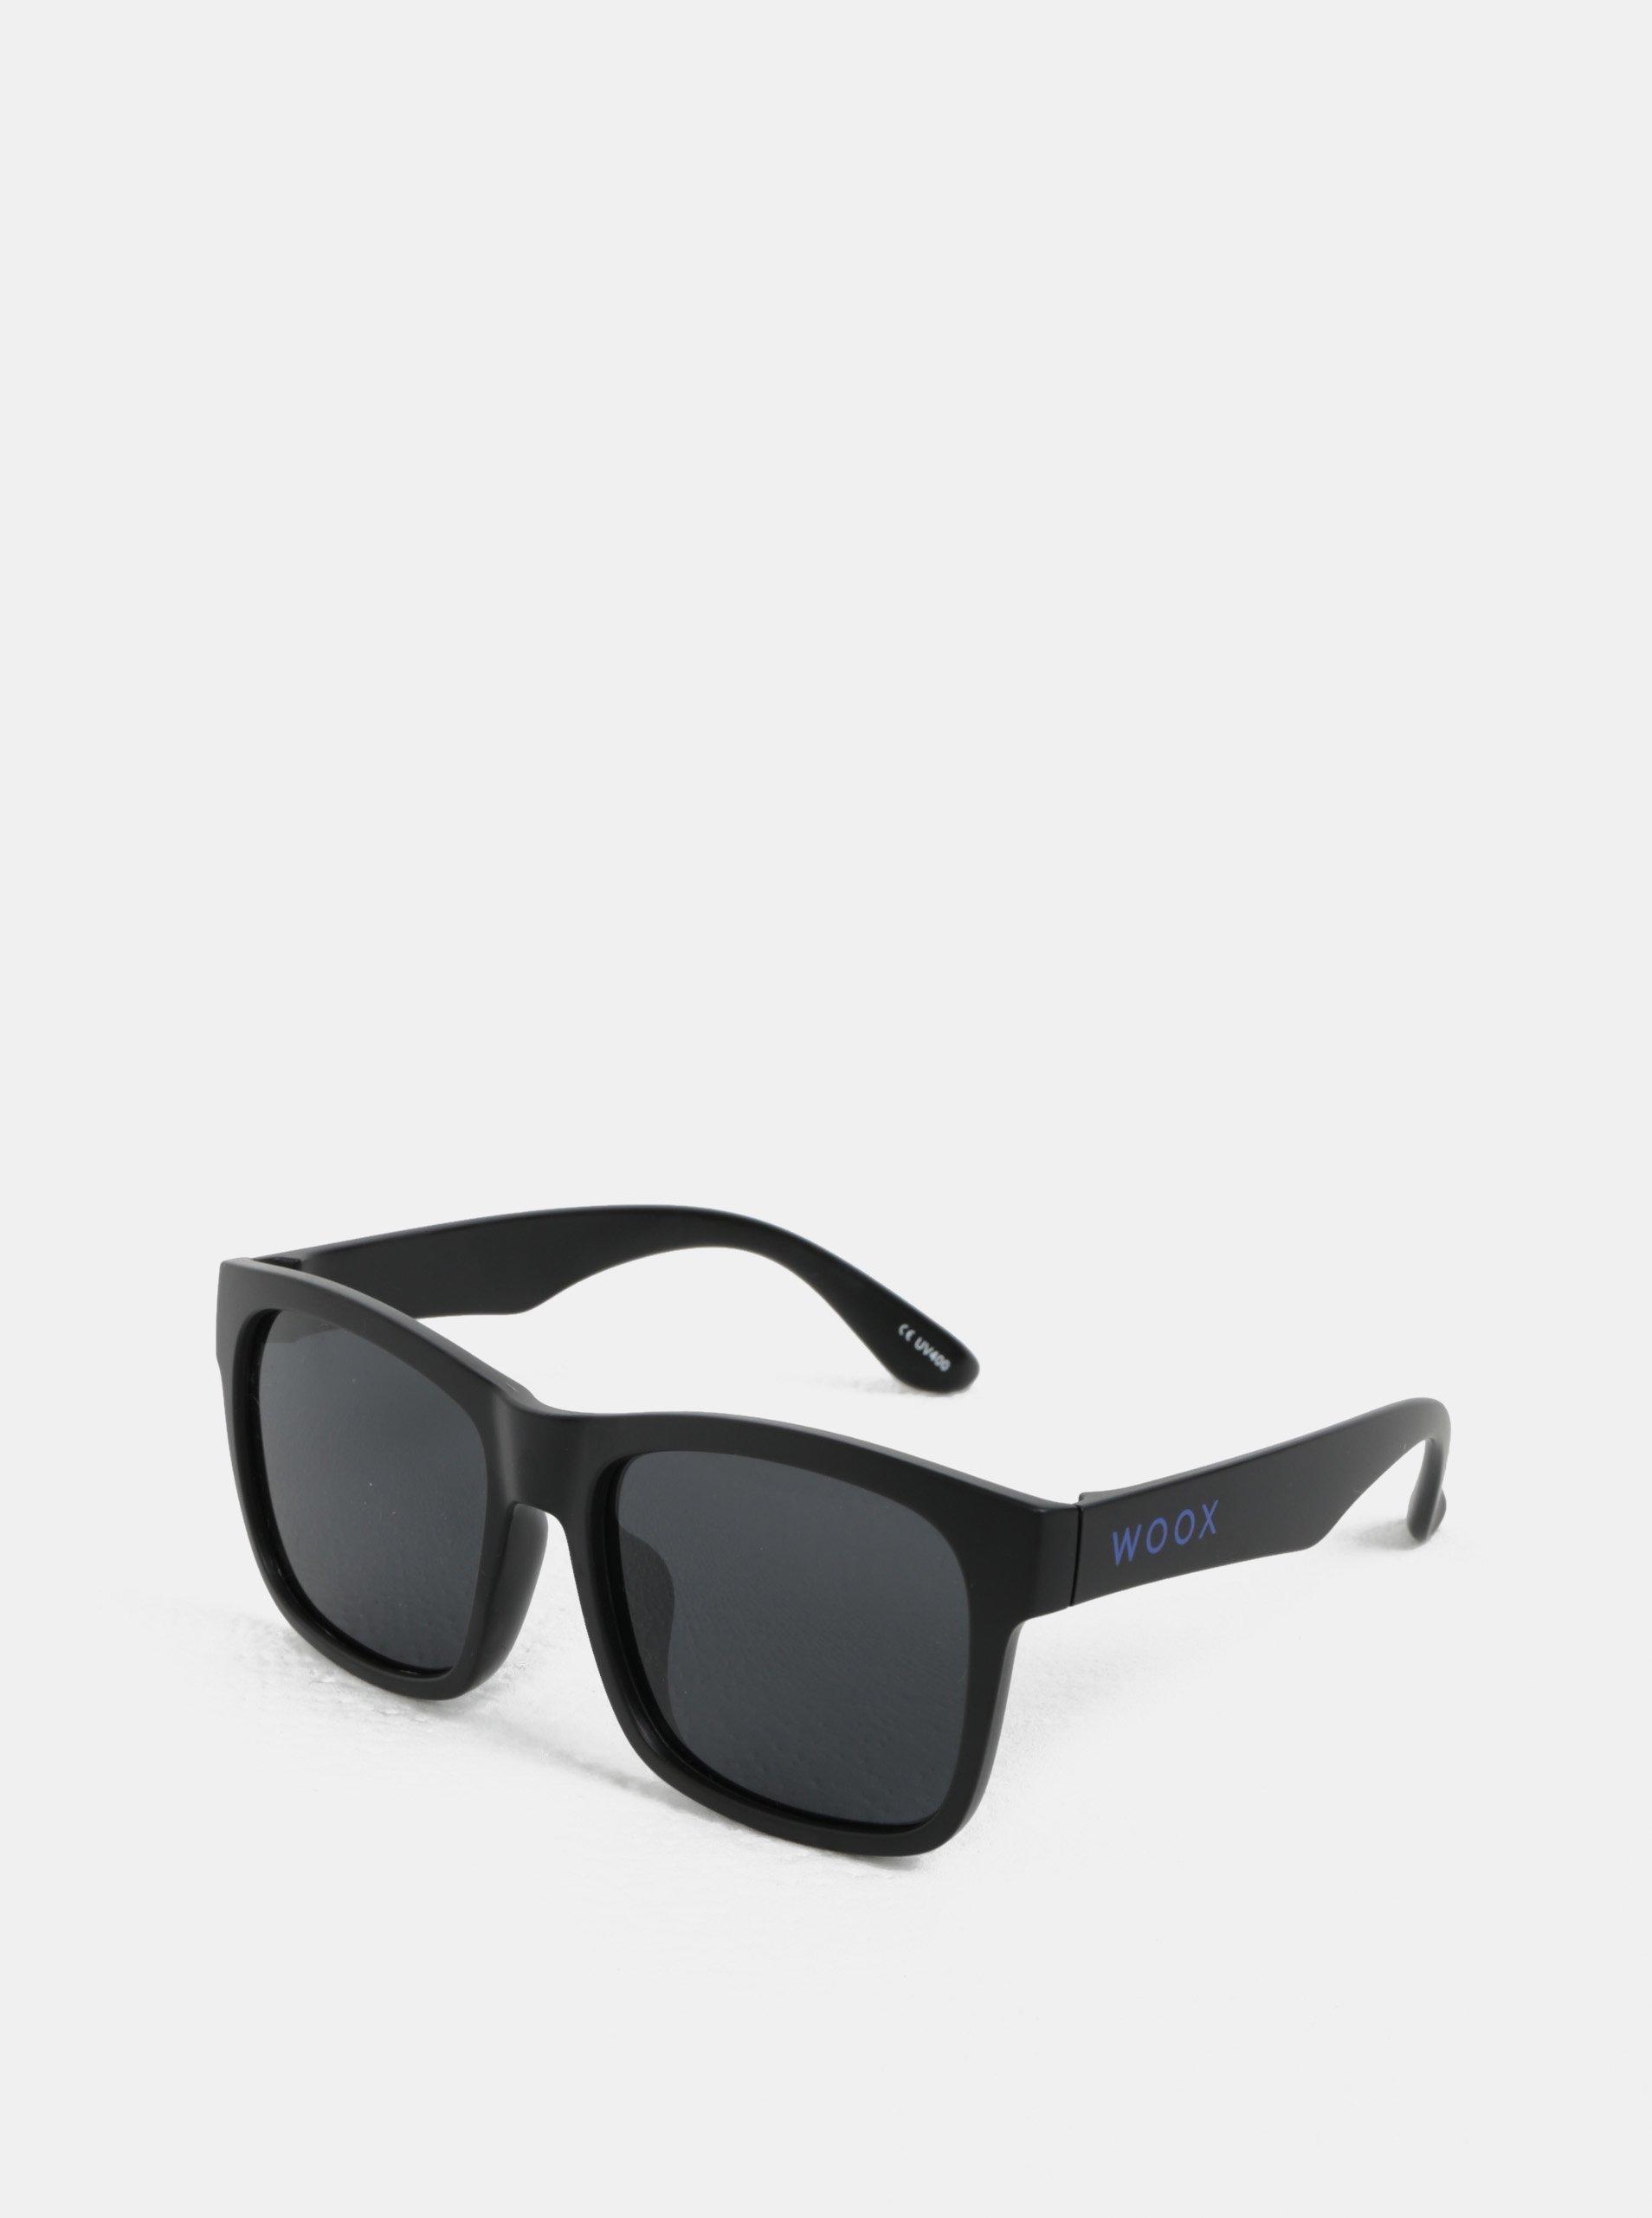 Černé pánské sluneční brýle WOOX Antilumen Stria